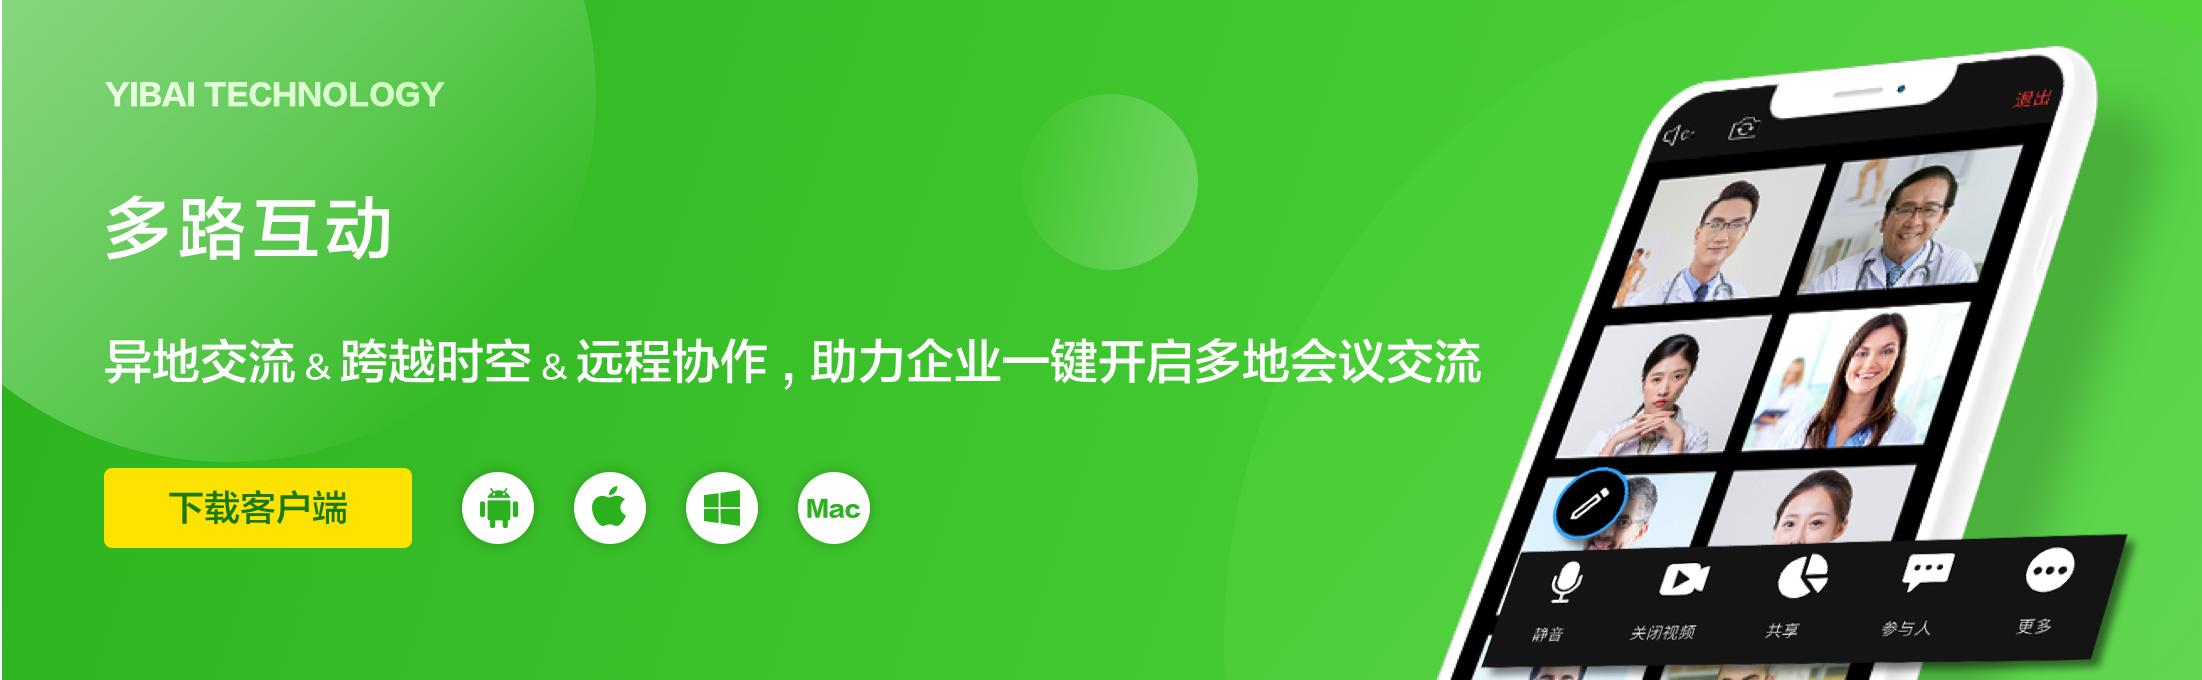 多路互动_banner.png